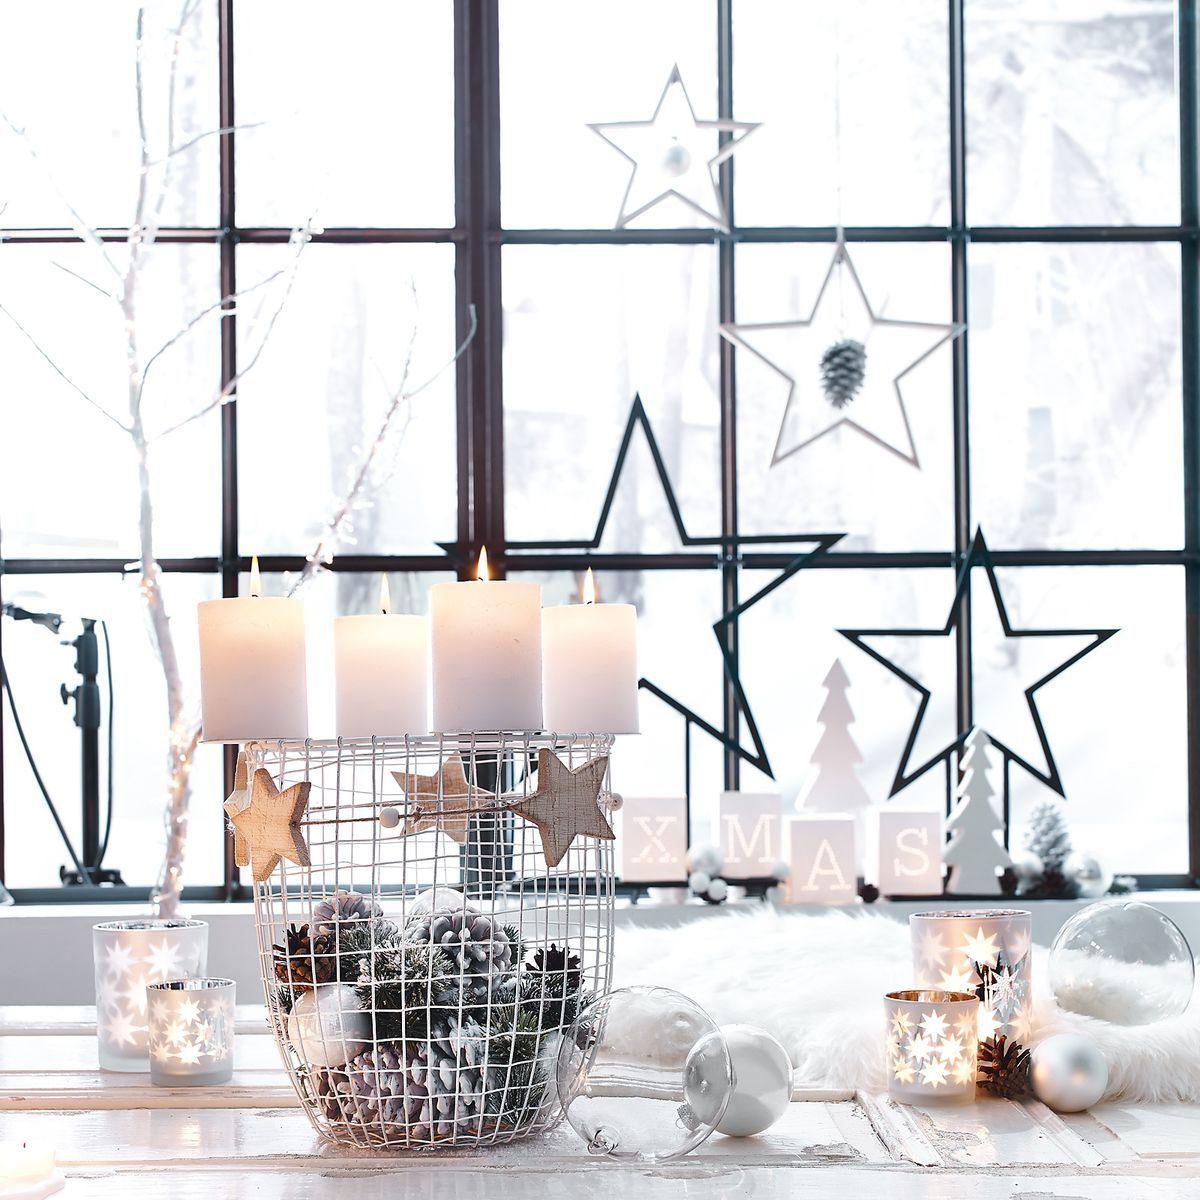 pin von hannah kunze auf winterdeko deko weihnachten. Black Bedroom Furniture Sets. Home Design Ideas